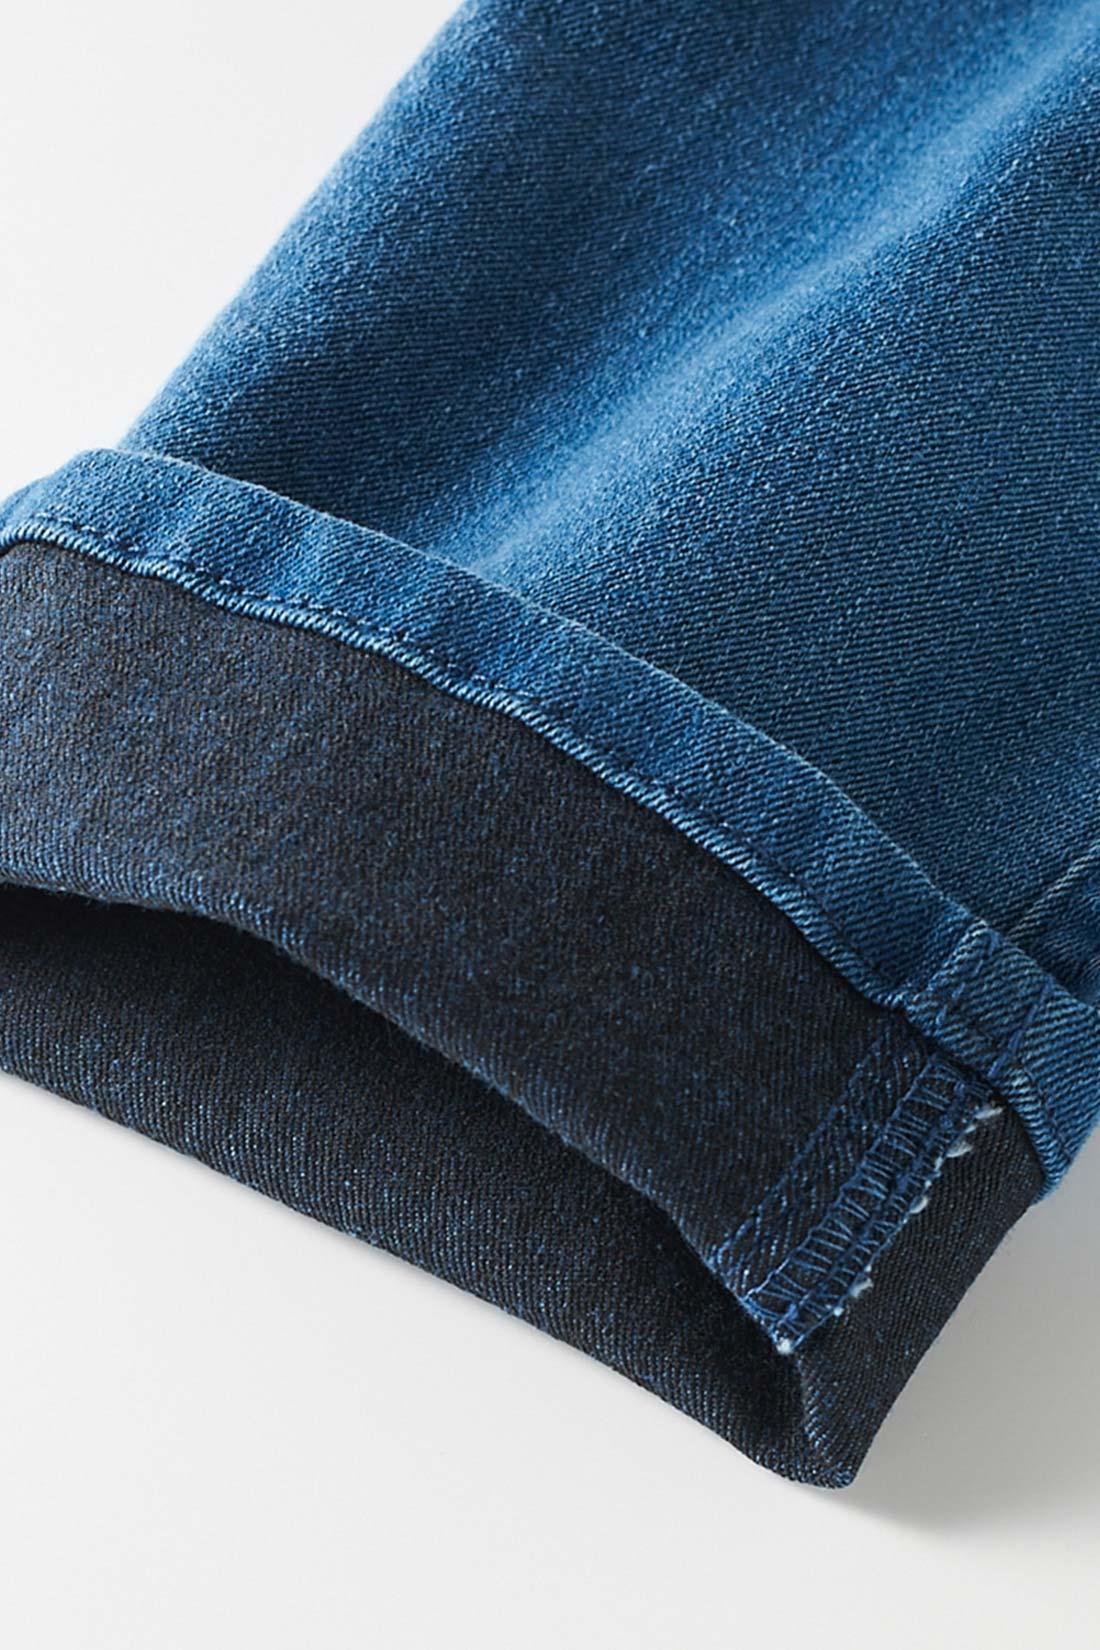 裏糸に黒を使ったデニム生地。一般的なデニムの裏糸はベージュ系を使うのに対し、このデニムには黒を採用。表地がほんのり黒みがかり、引き締まってきれいに見えます。※お届けするカラーとは異なります。